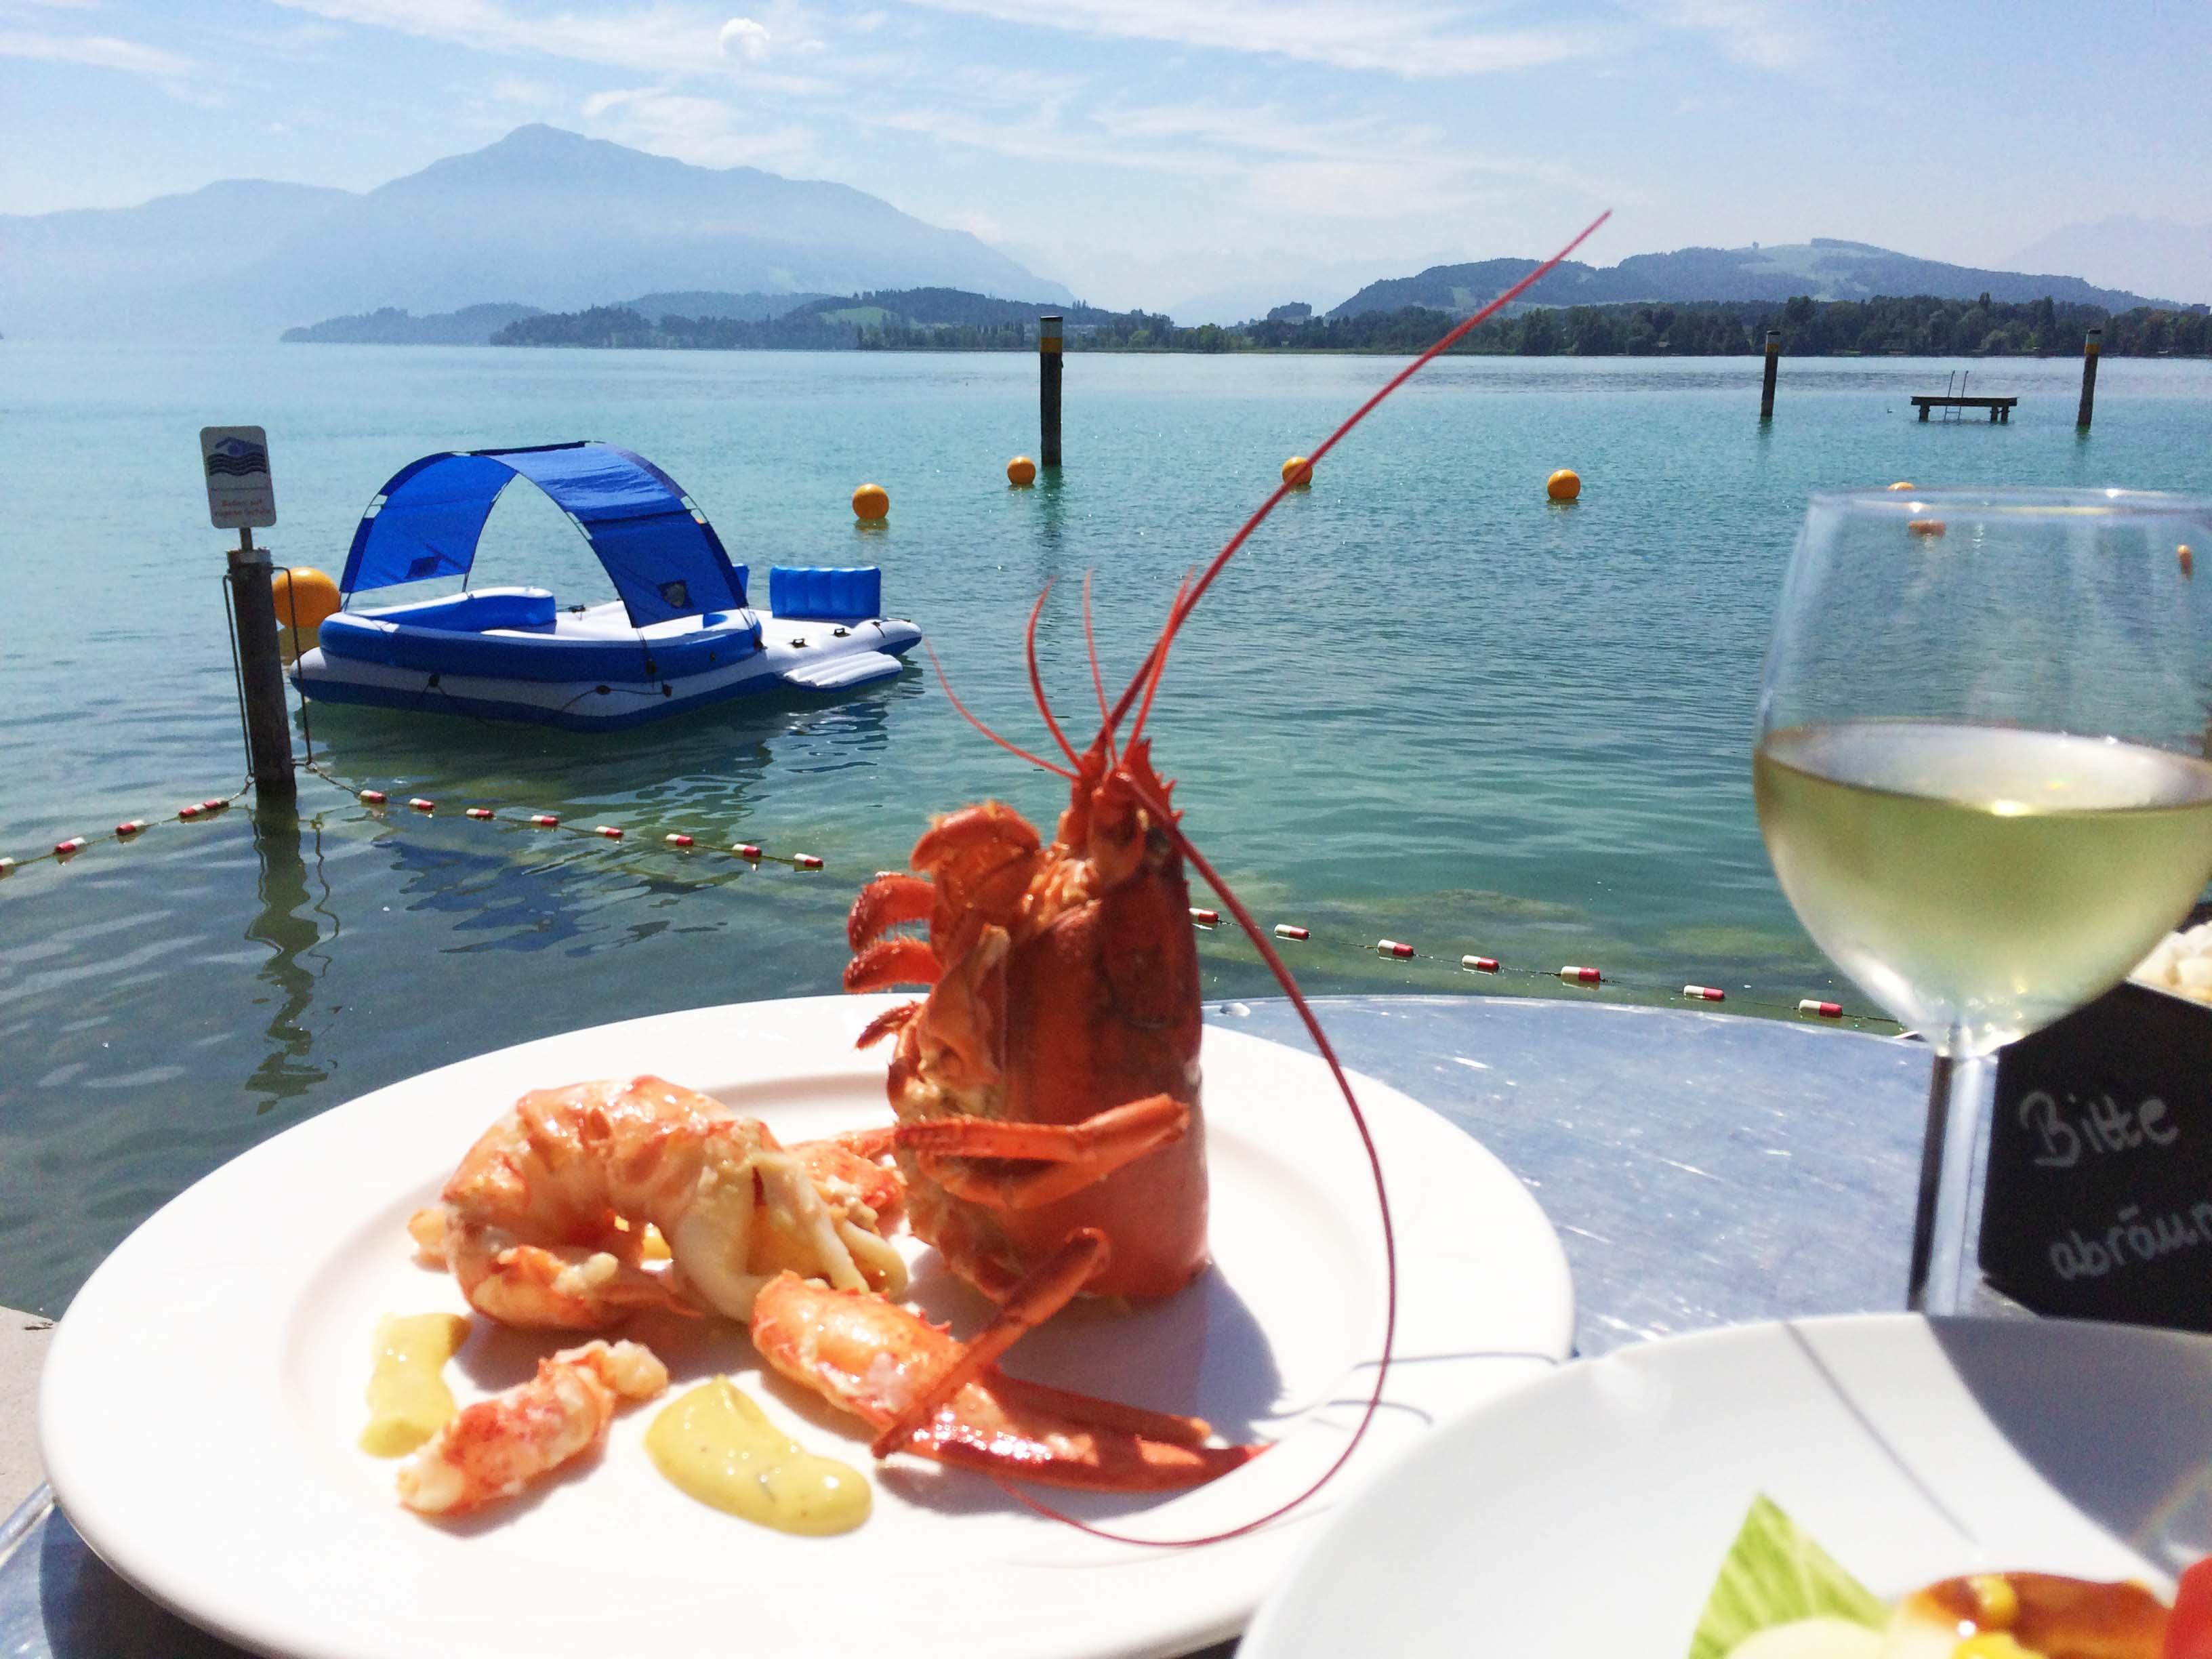 Sogar die Krabbe macht Männchen um die Aussicht zu geniessen.